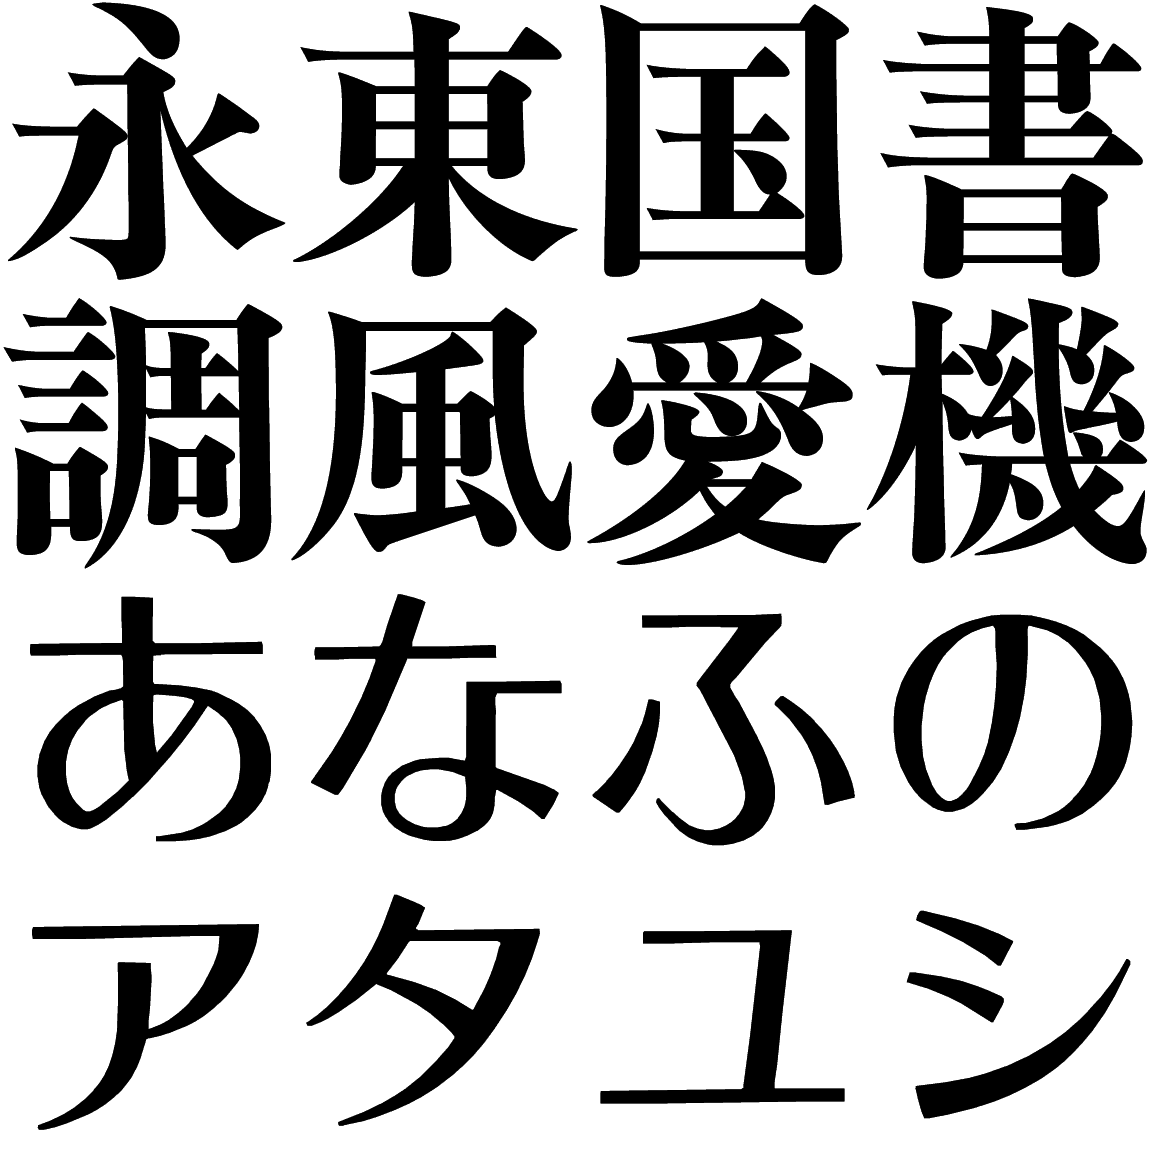 タイポス 411 TY411A 字形見本